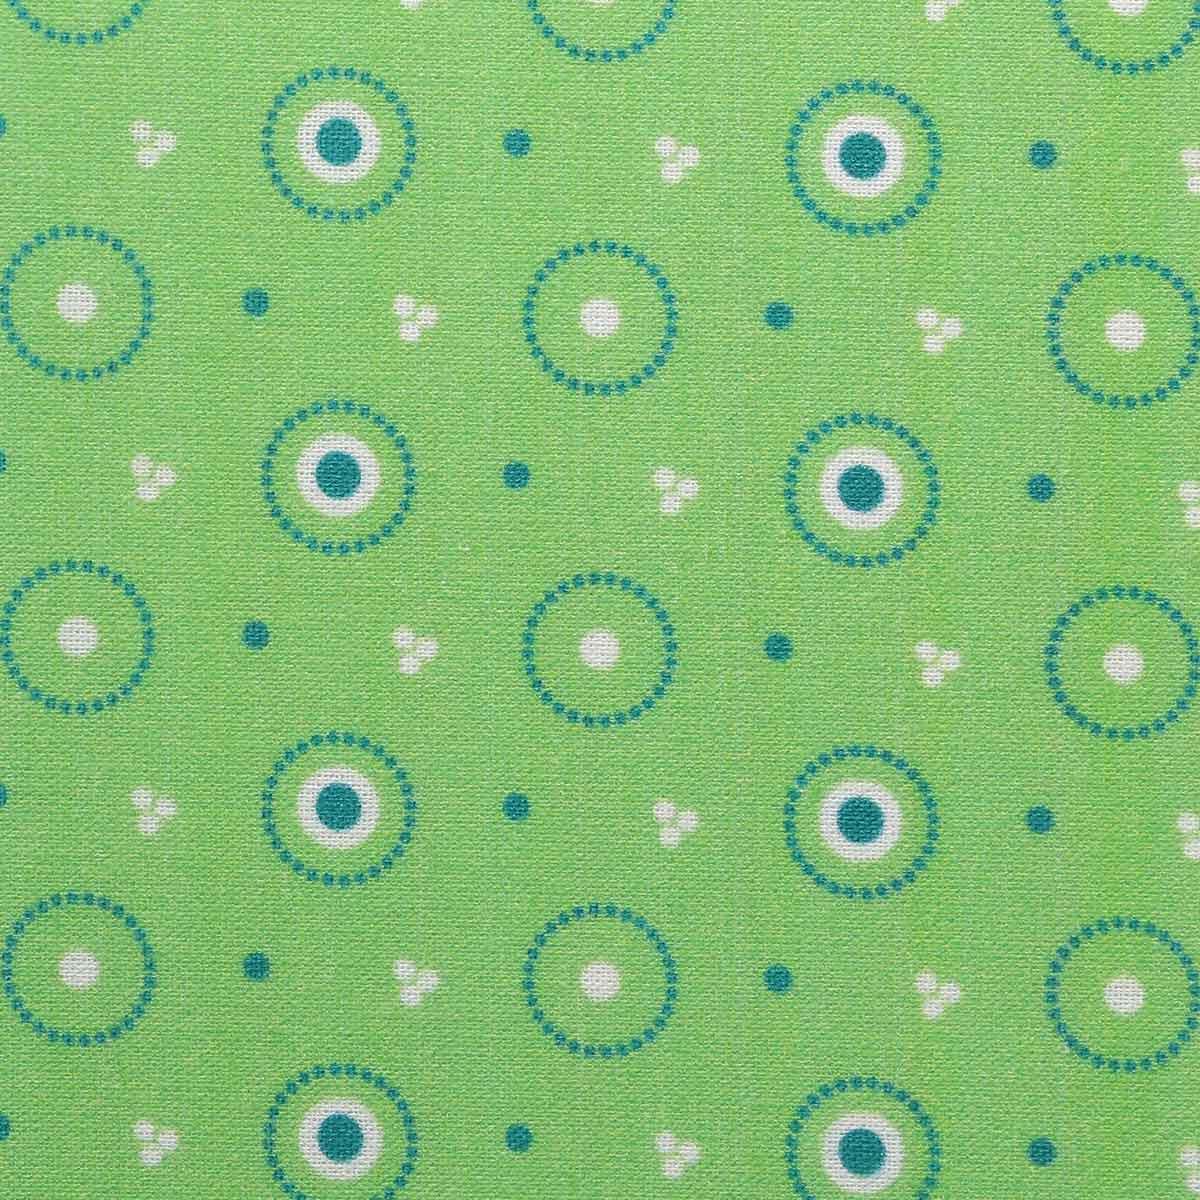 АМ592013 Ткань 'Разноцветные круги' №13, 100% хлопок, 120 г/м2, размер 48*50см